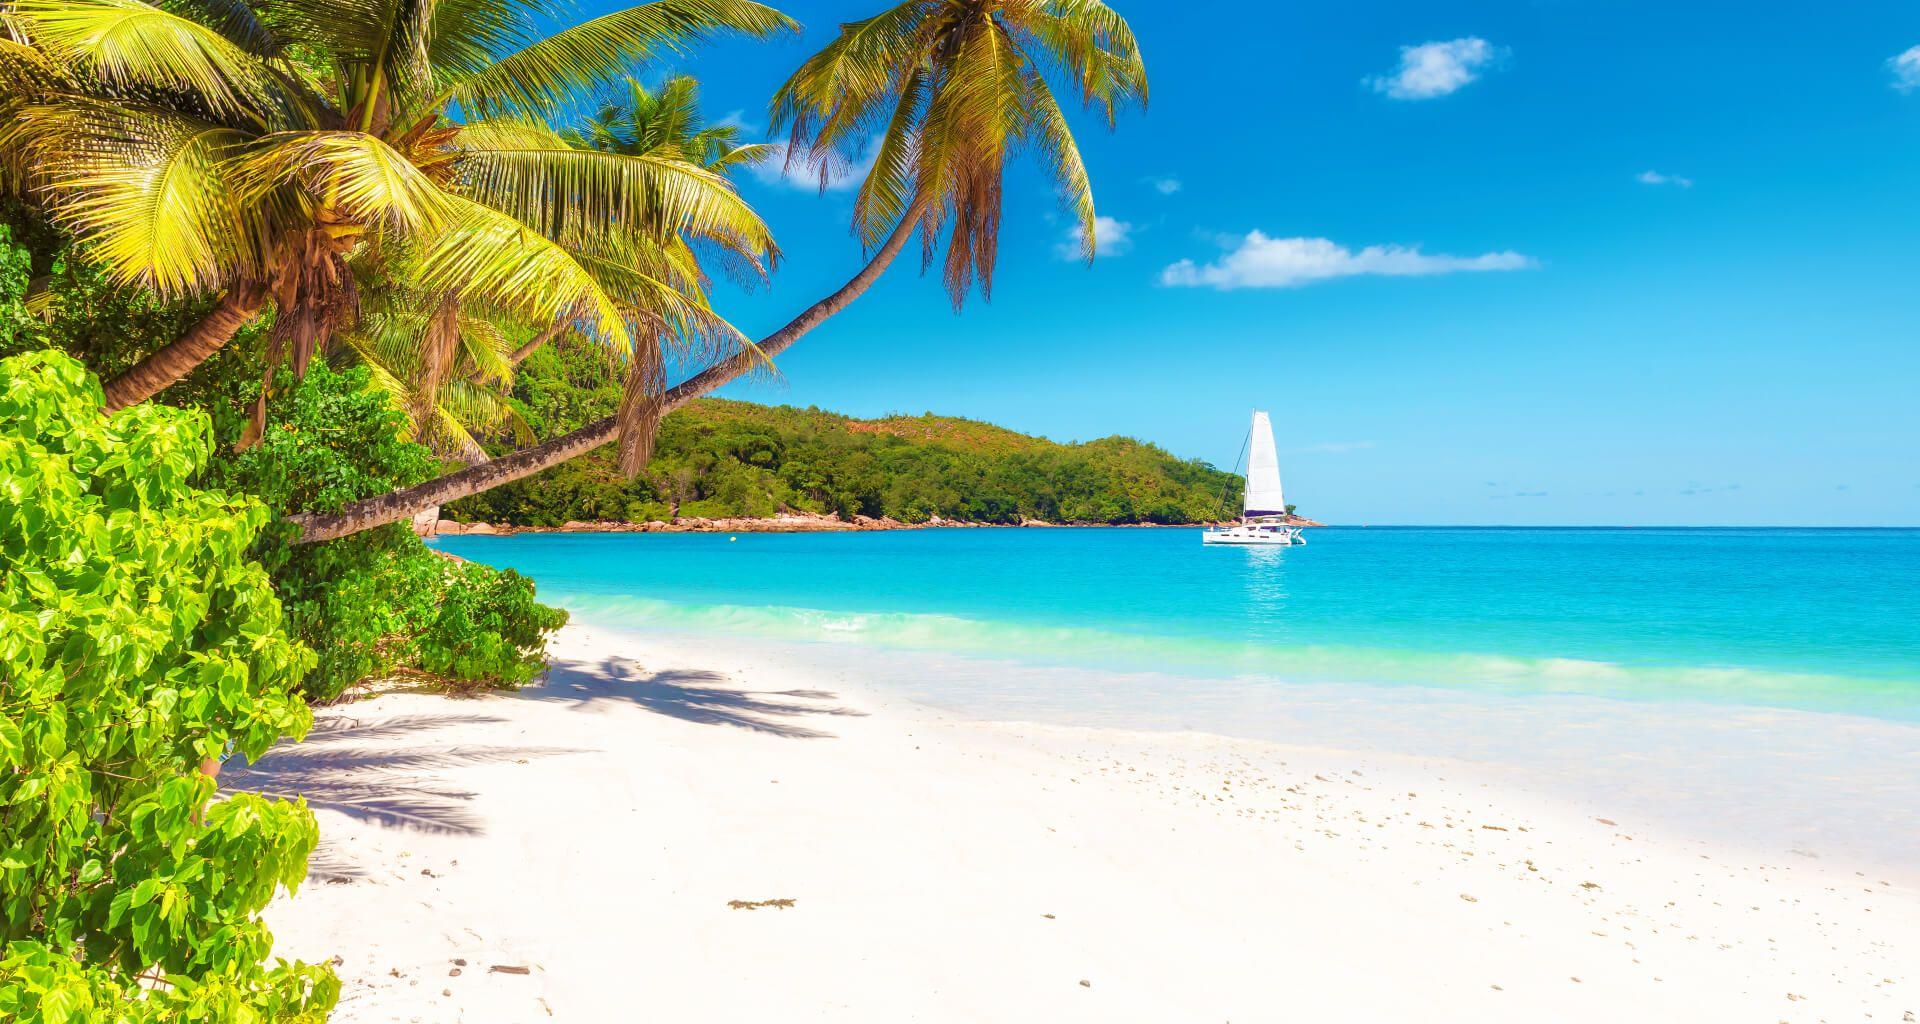 Magnifique Plage des Caraïbes